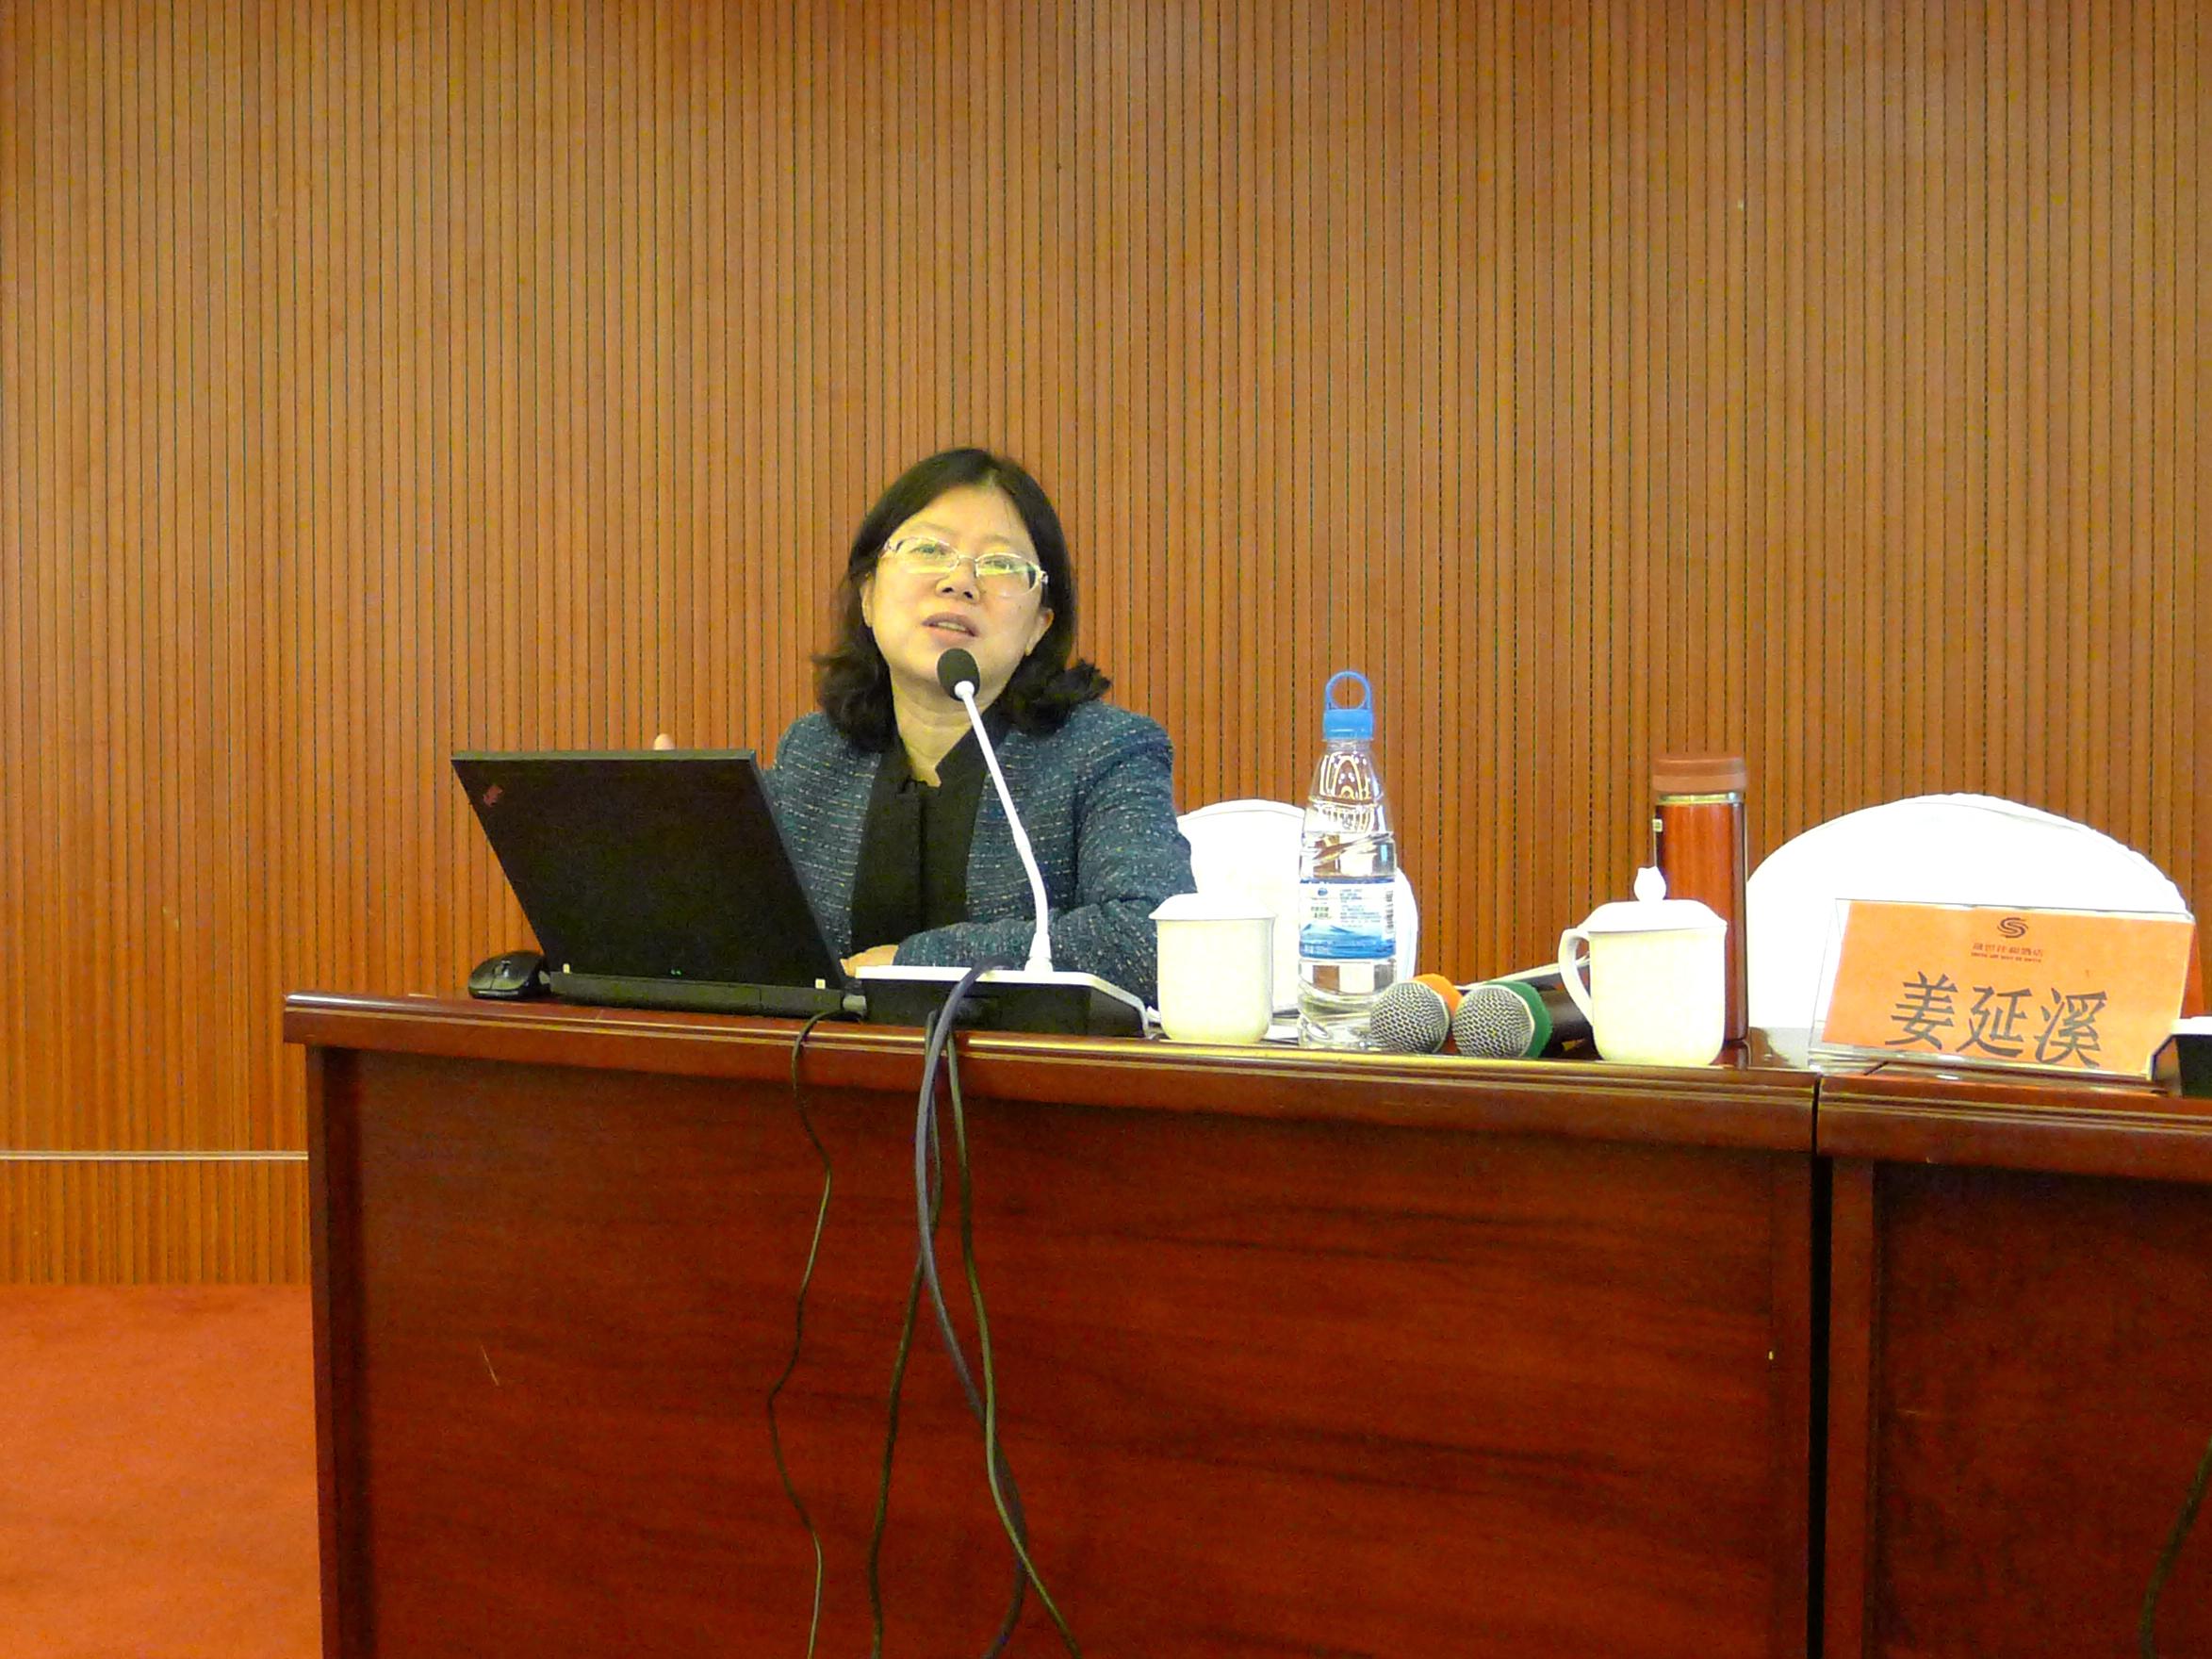 国家档案局经济科技司副司长姜延溪为学员授课.JPG